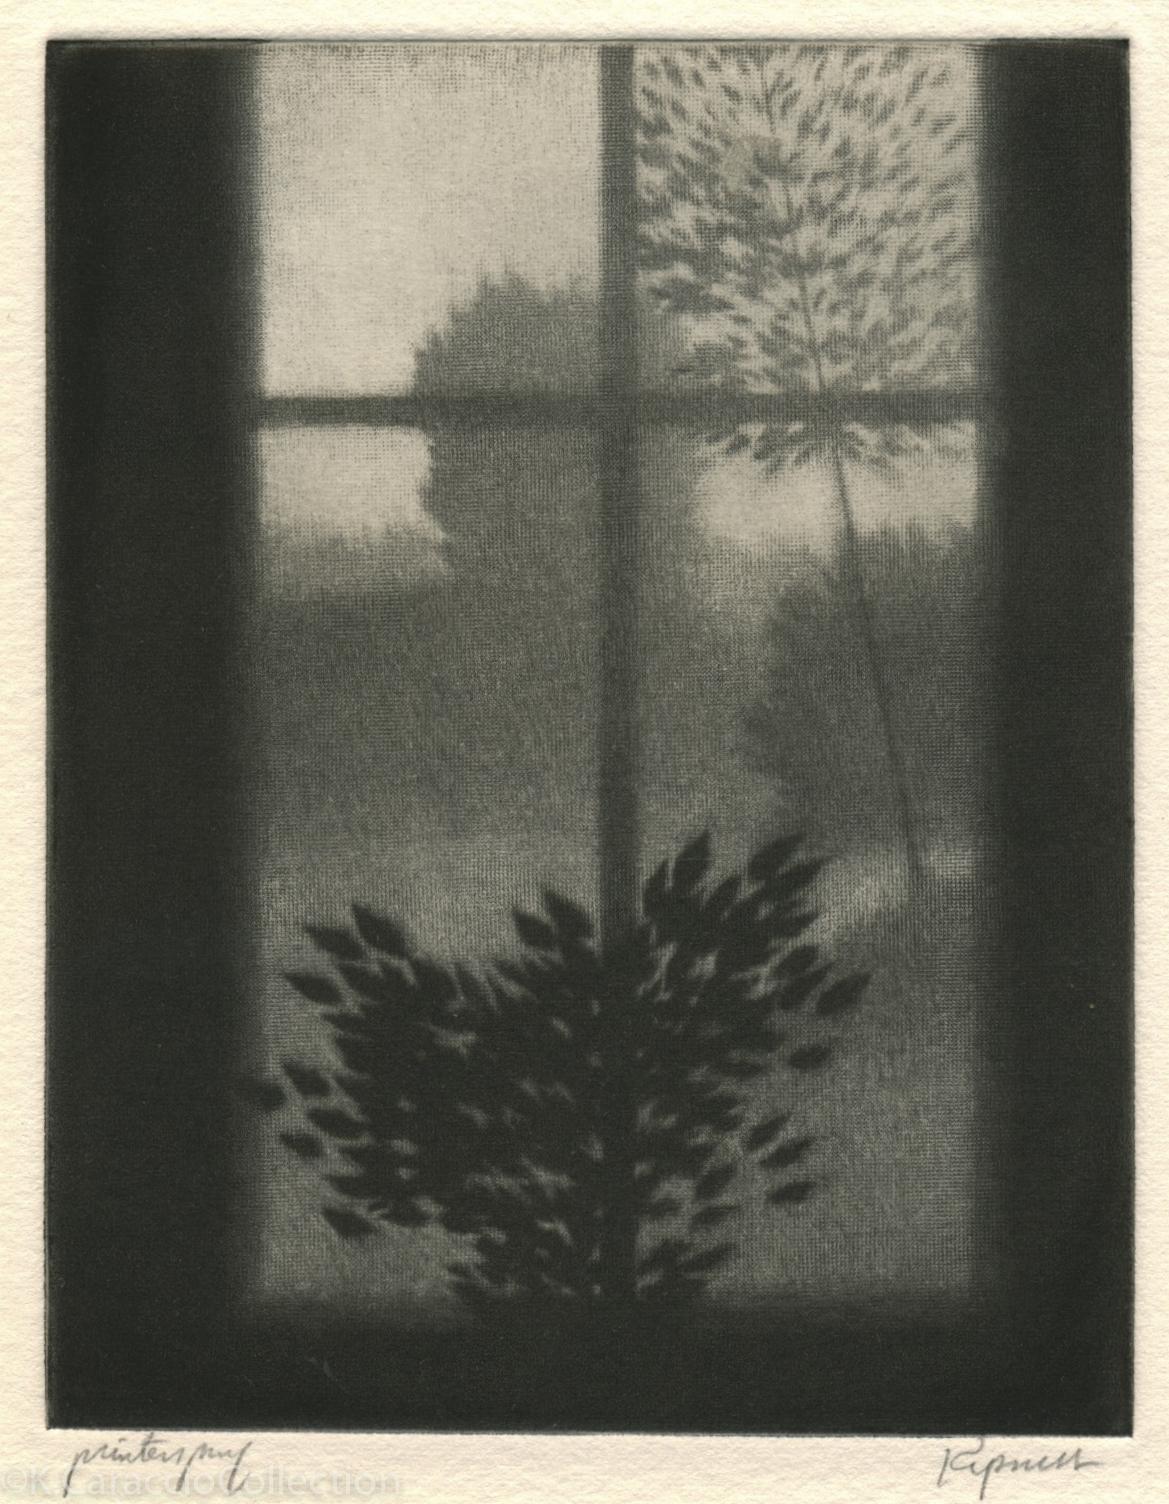 Kipniss, Robert_WindowWDarkLeaves_1997_M